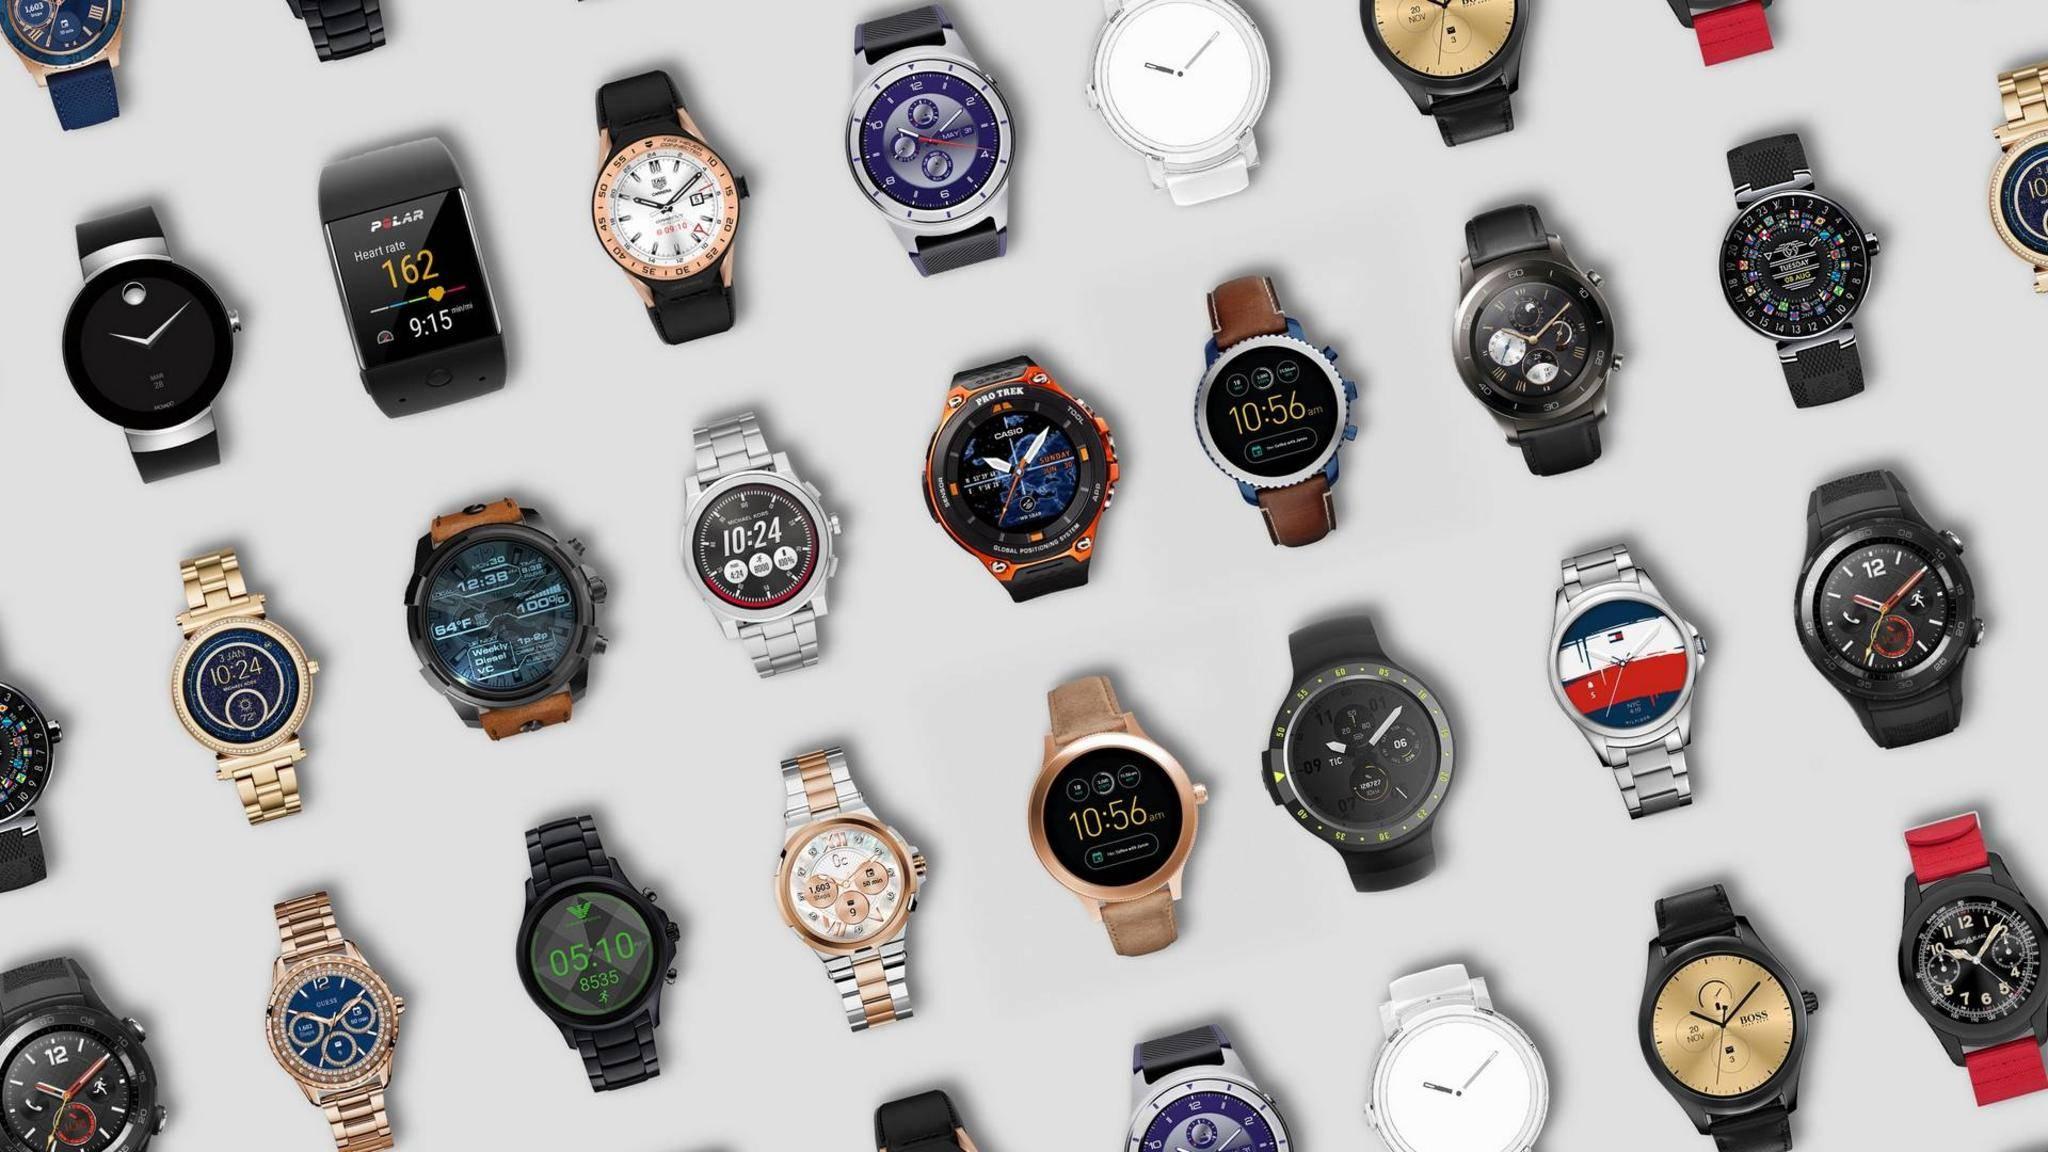 Besonders beliebt sind Smartwatches mit WearOs nicht. Aber das könnte sich bald ändern.